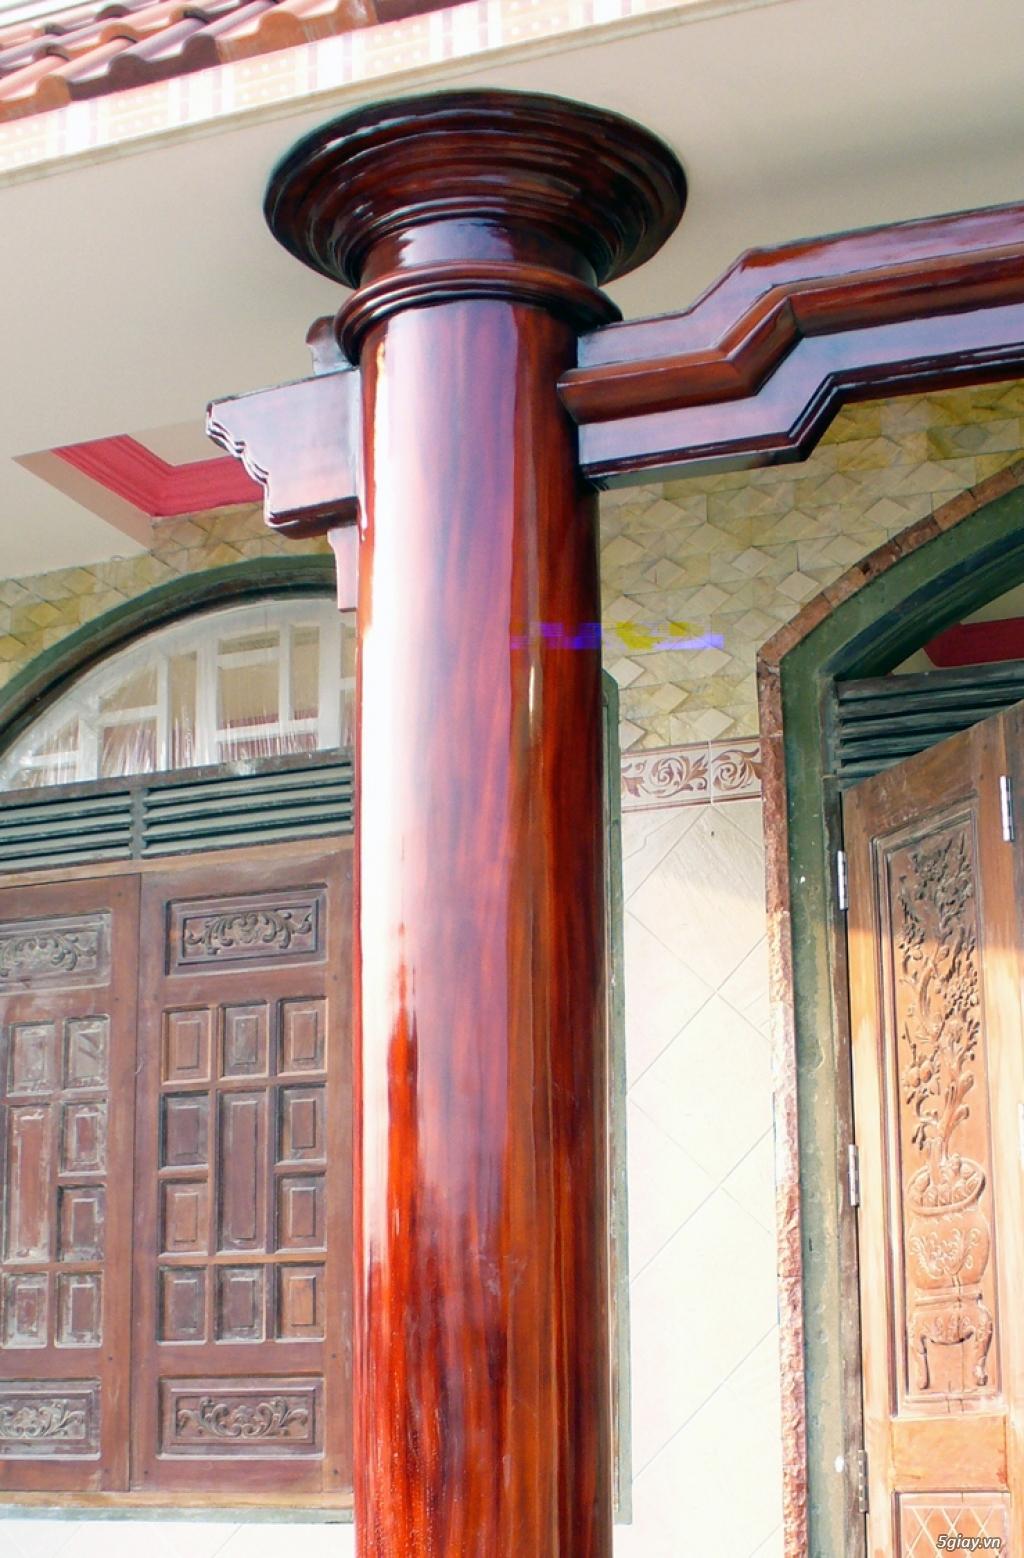 chuyên nhận vẽ các loại tranh tường,tranh đắp,phù điêu,giả đá,giả gỗ làm hòn non bộ.. - 17